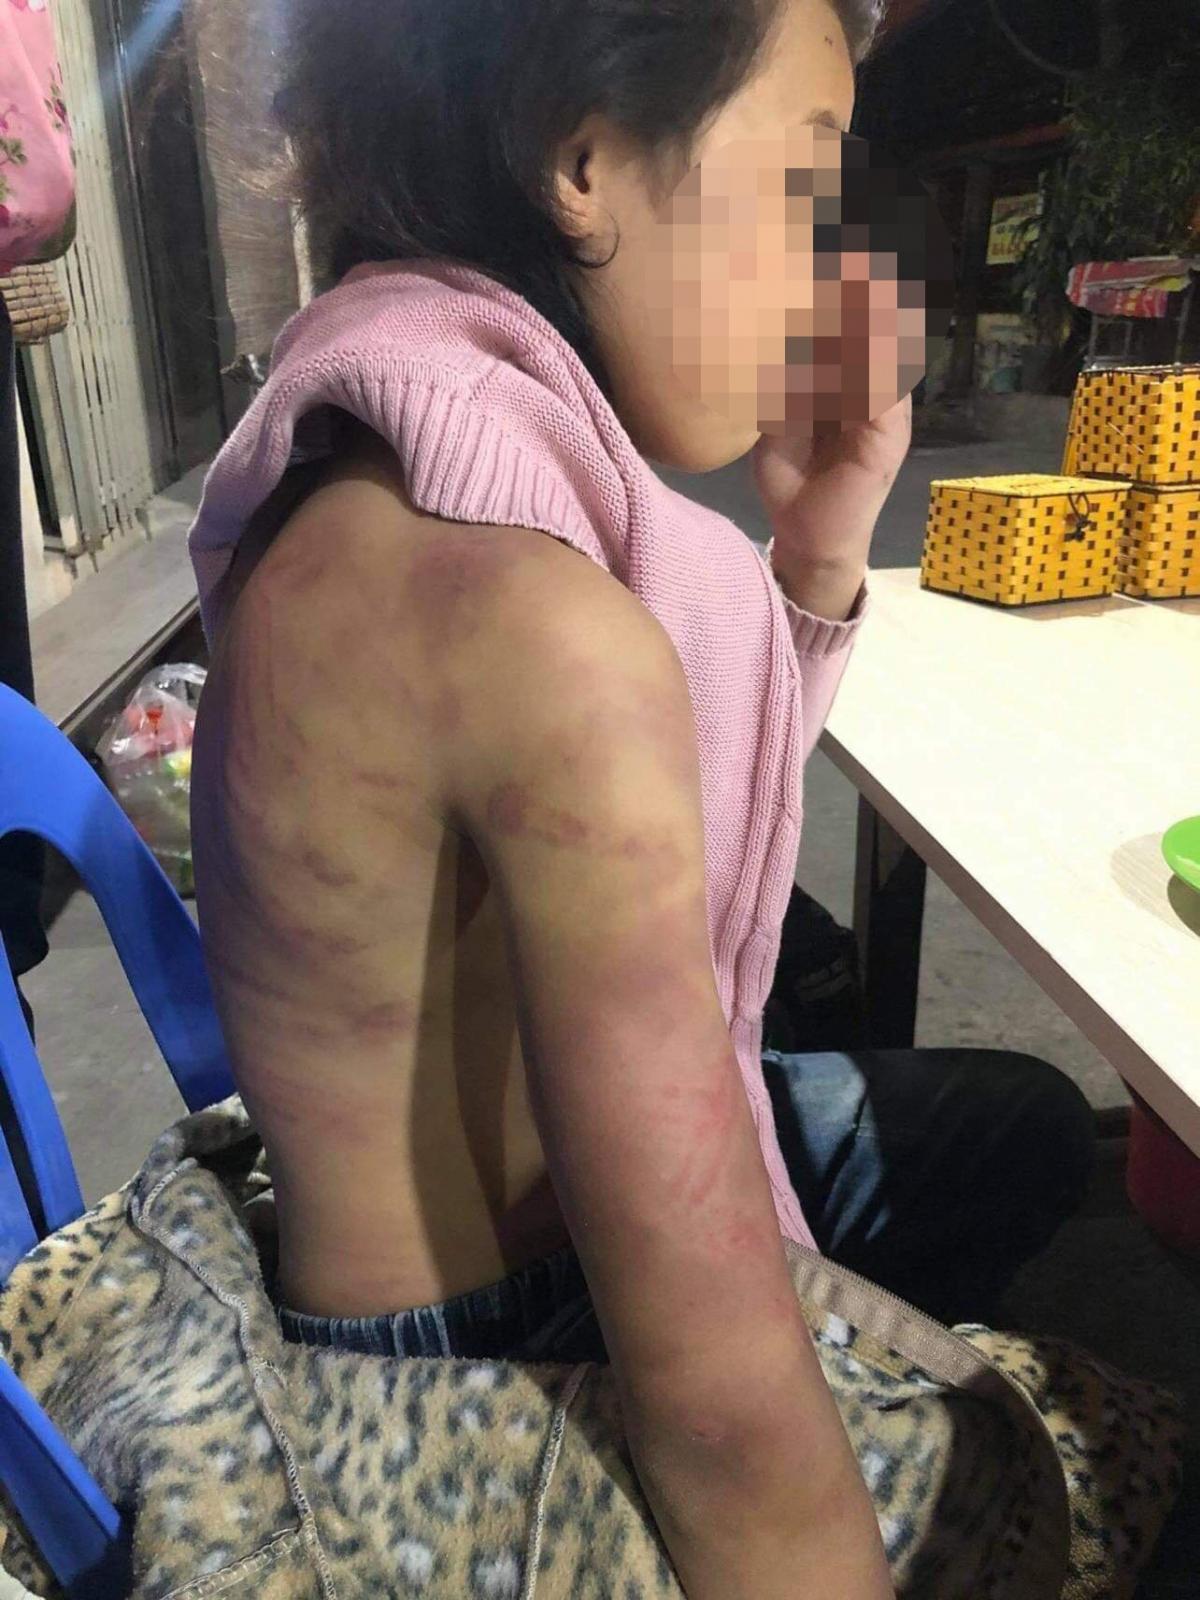 Toàn thân bé gái bị đánh đập tím tái. Ảnh người nhà cung cấp.